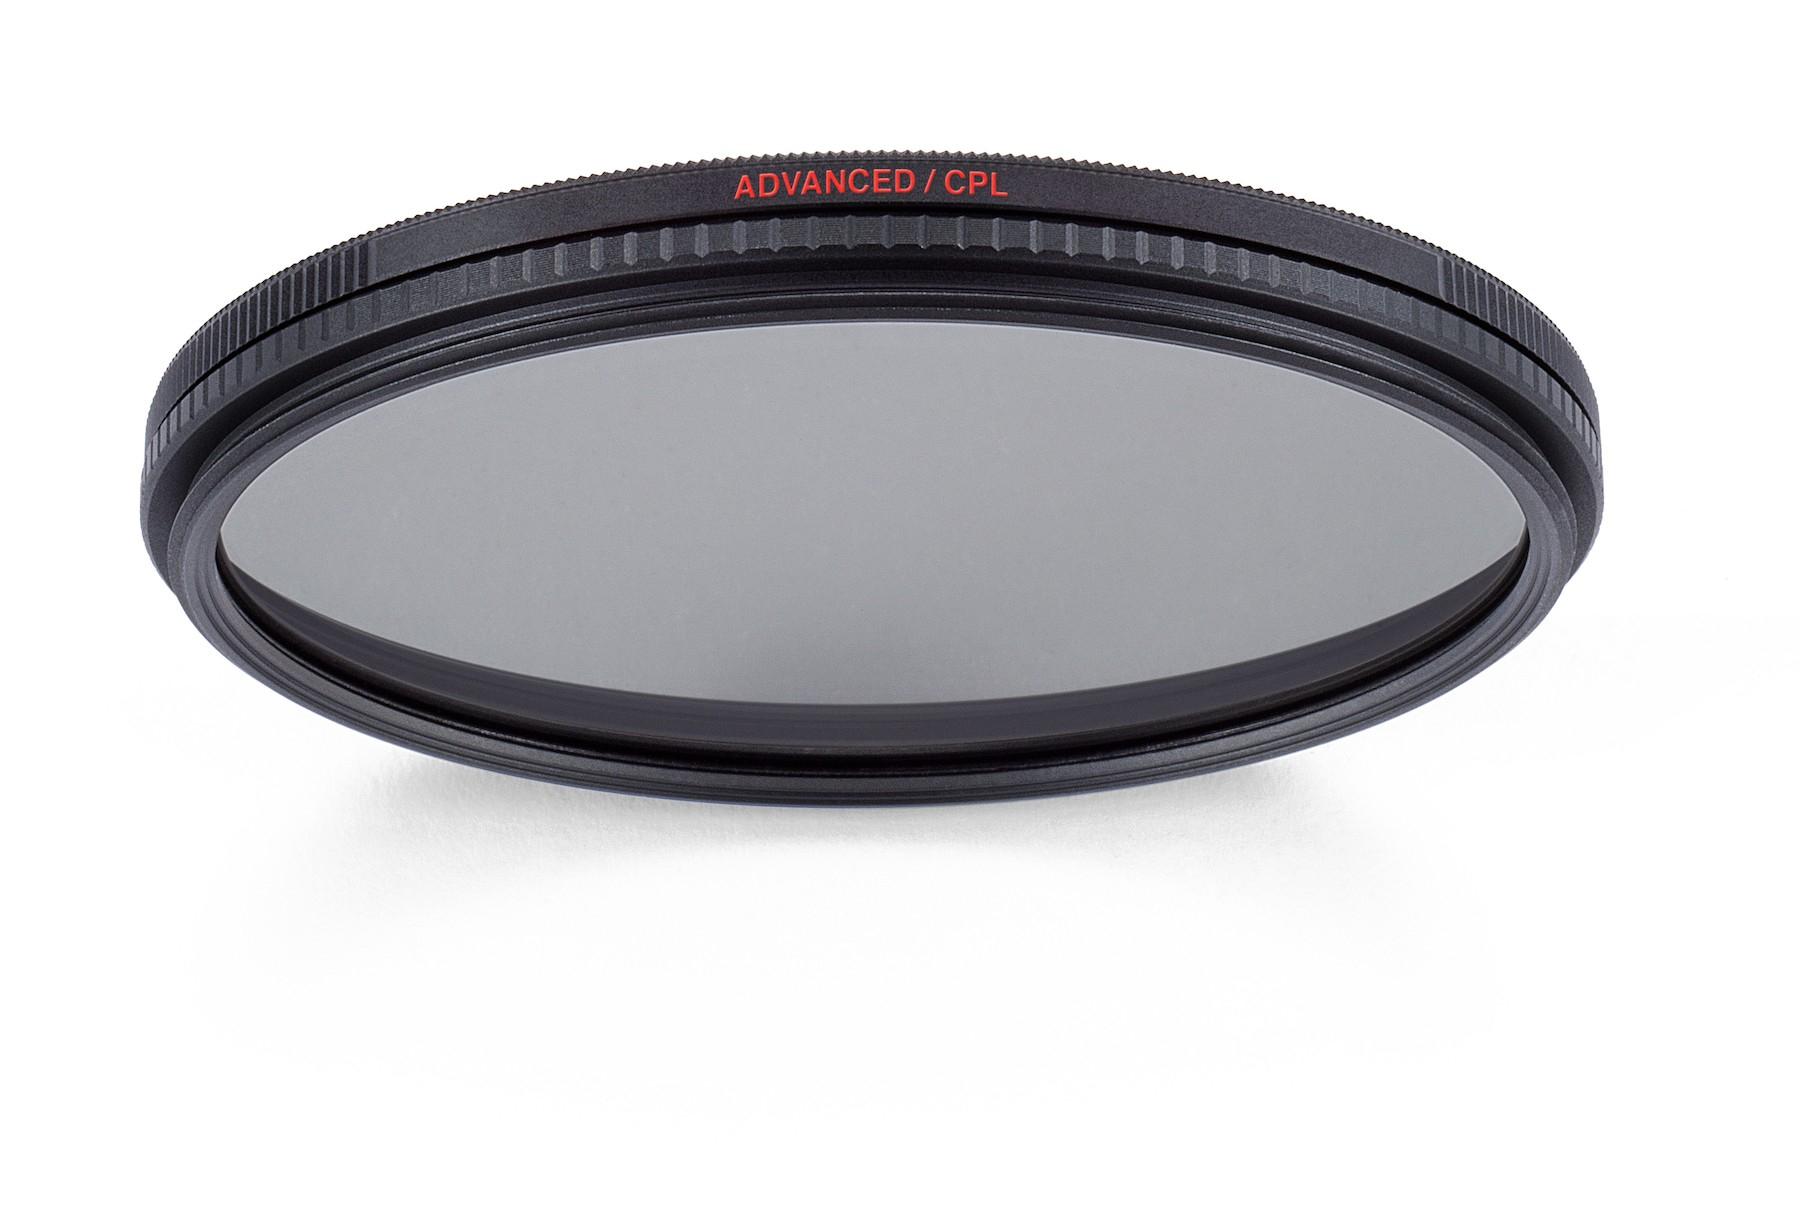 Manfrotto MFADVCPL-77 77mm Advanced Circular Polarizing Filter MFADVCPL-77